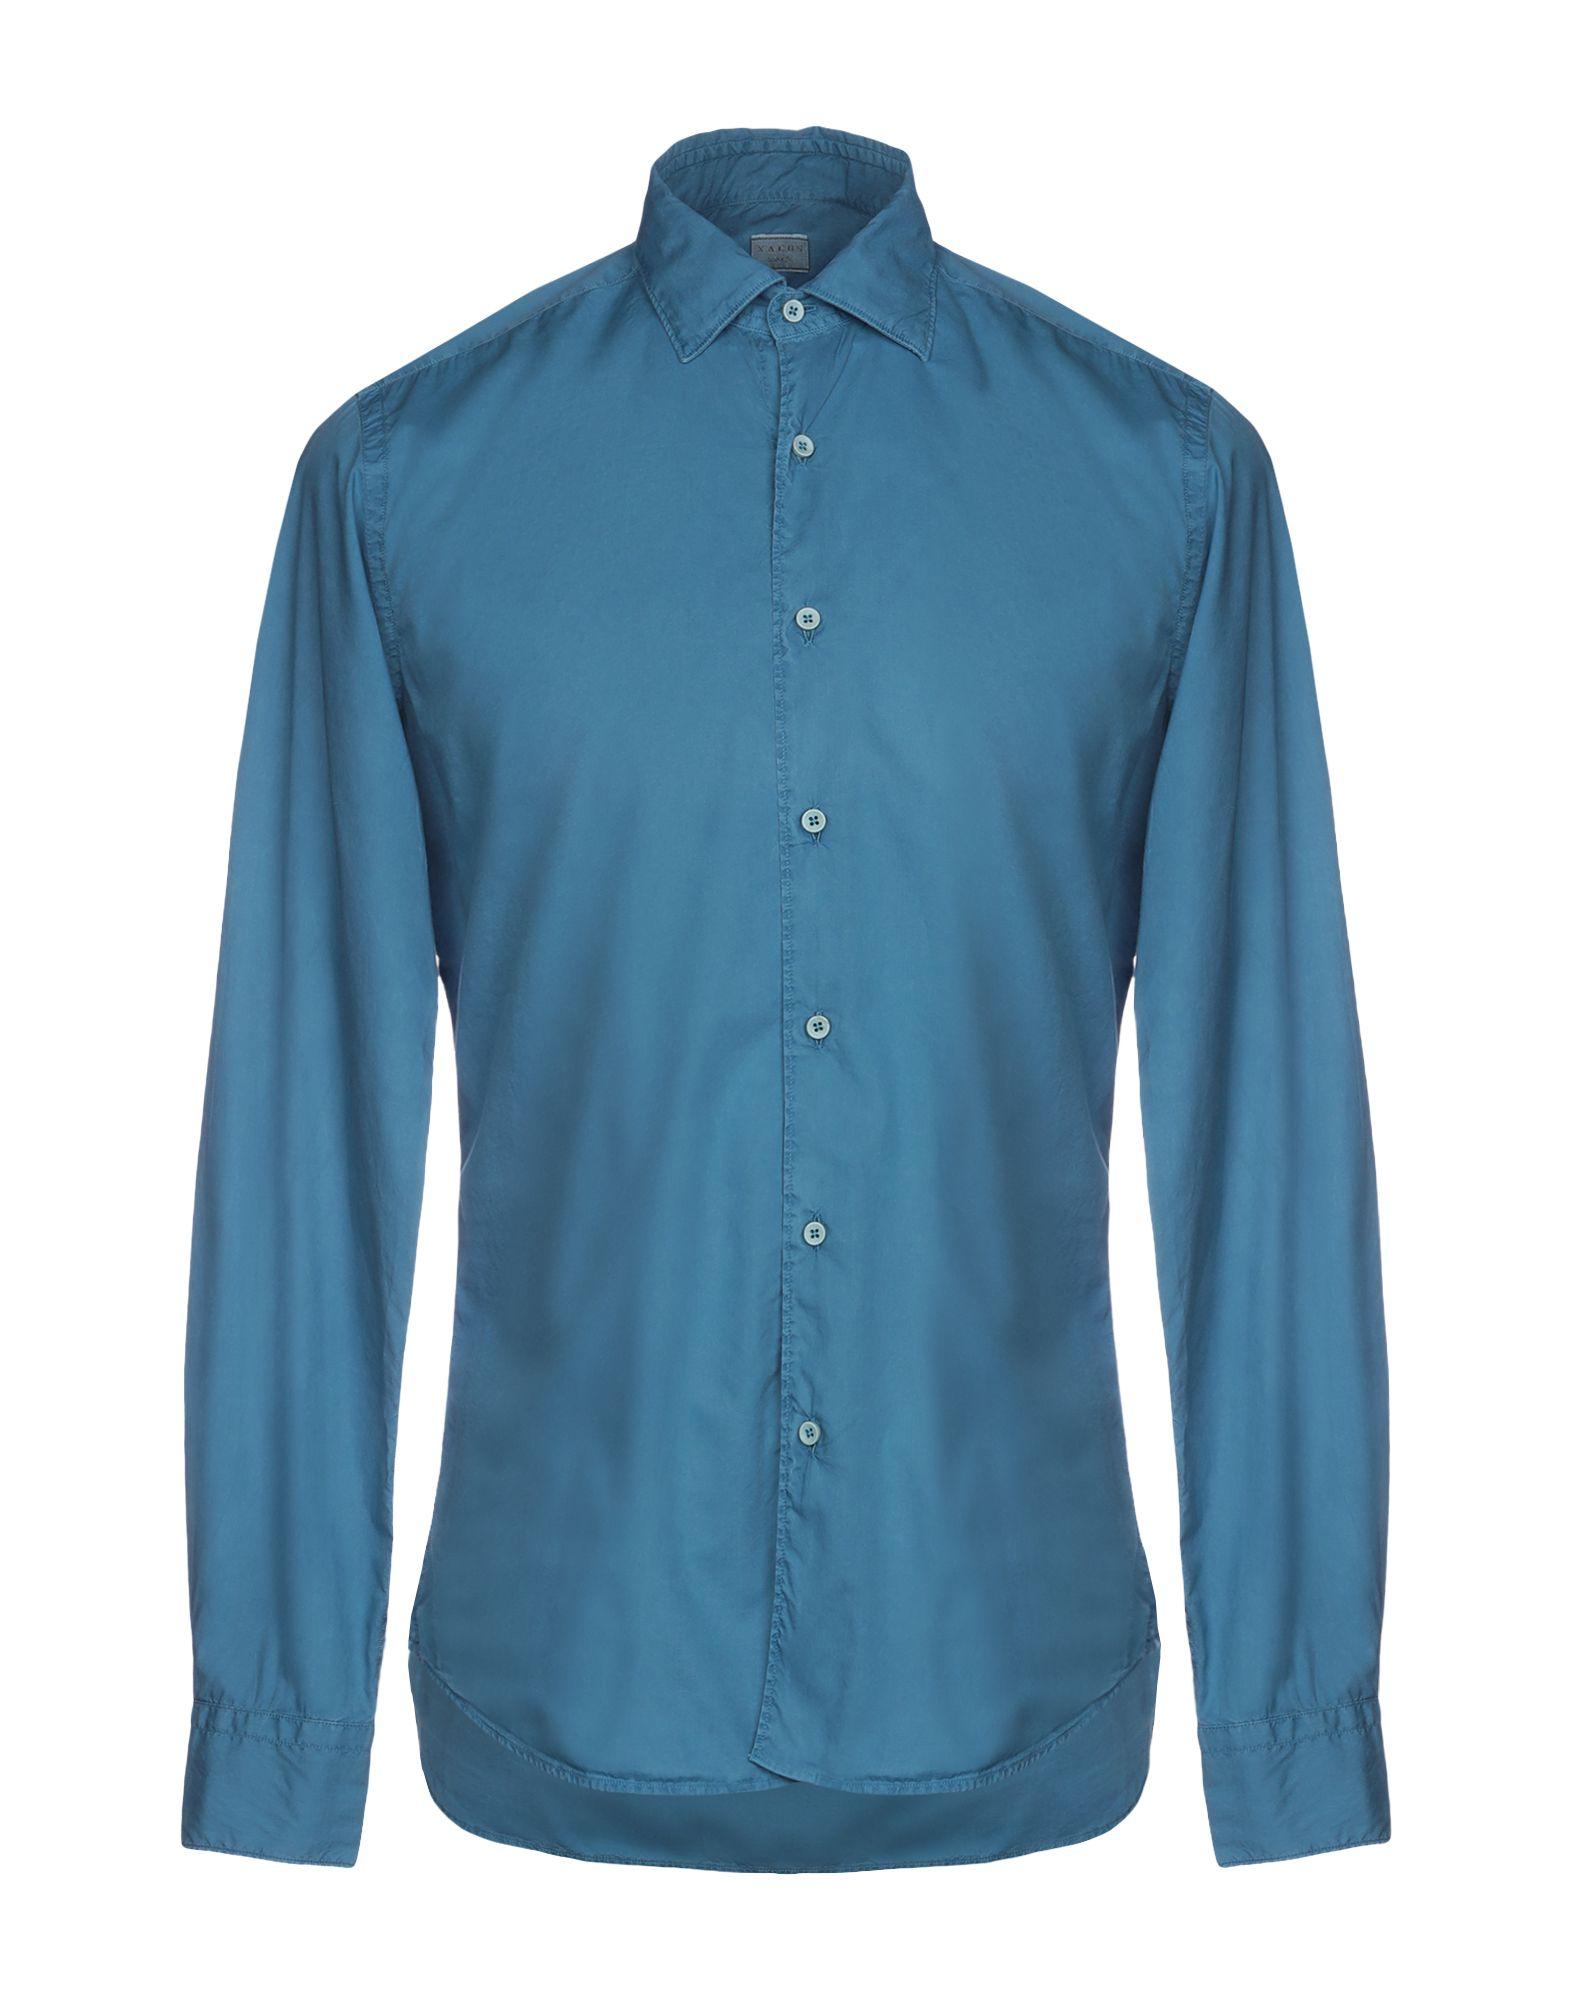 《送料無料》XACUS メンズ シャツ パステルブルー 38 コットン 100%